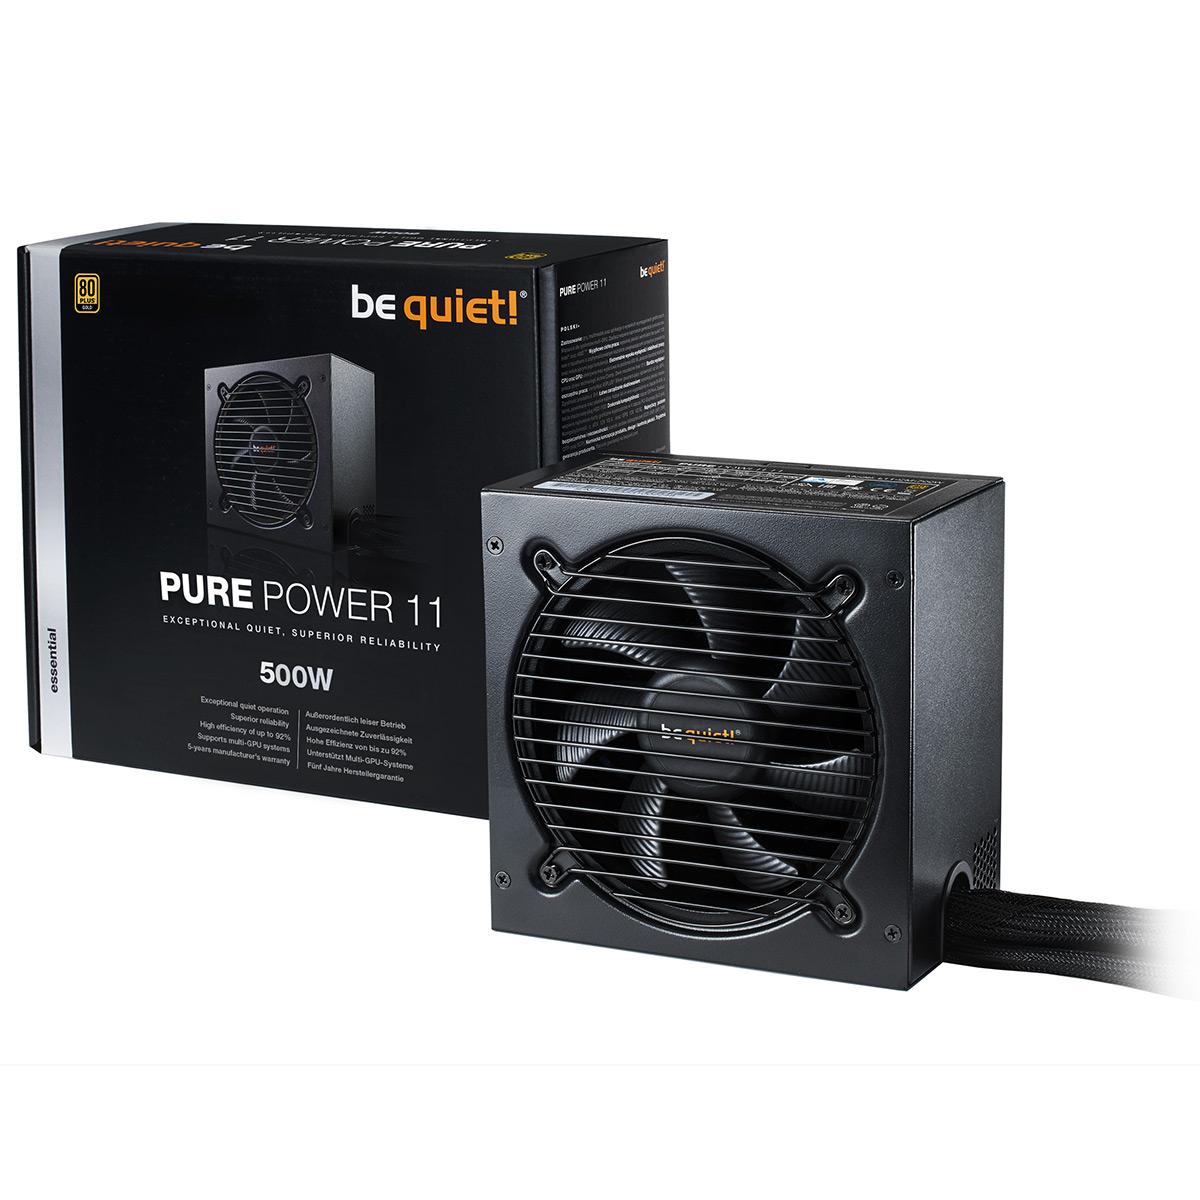 Alimentation PC be quiet! Pure Power 11 500W 80PLUS Gold Alimentation 500W ATX 12V 2.4 (Garantie 5 ans constructeur) - 80PLUS Gold